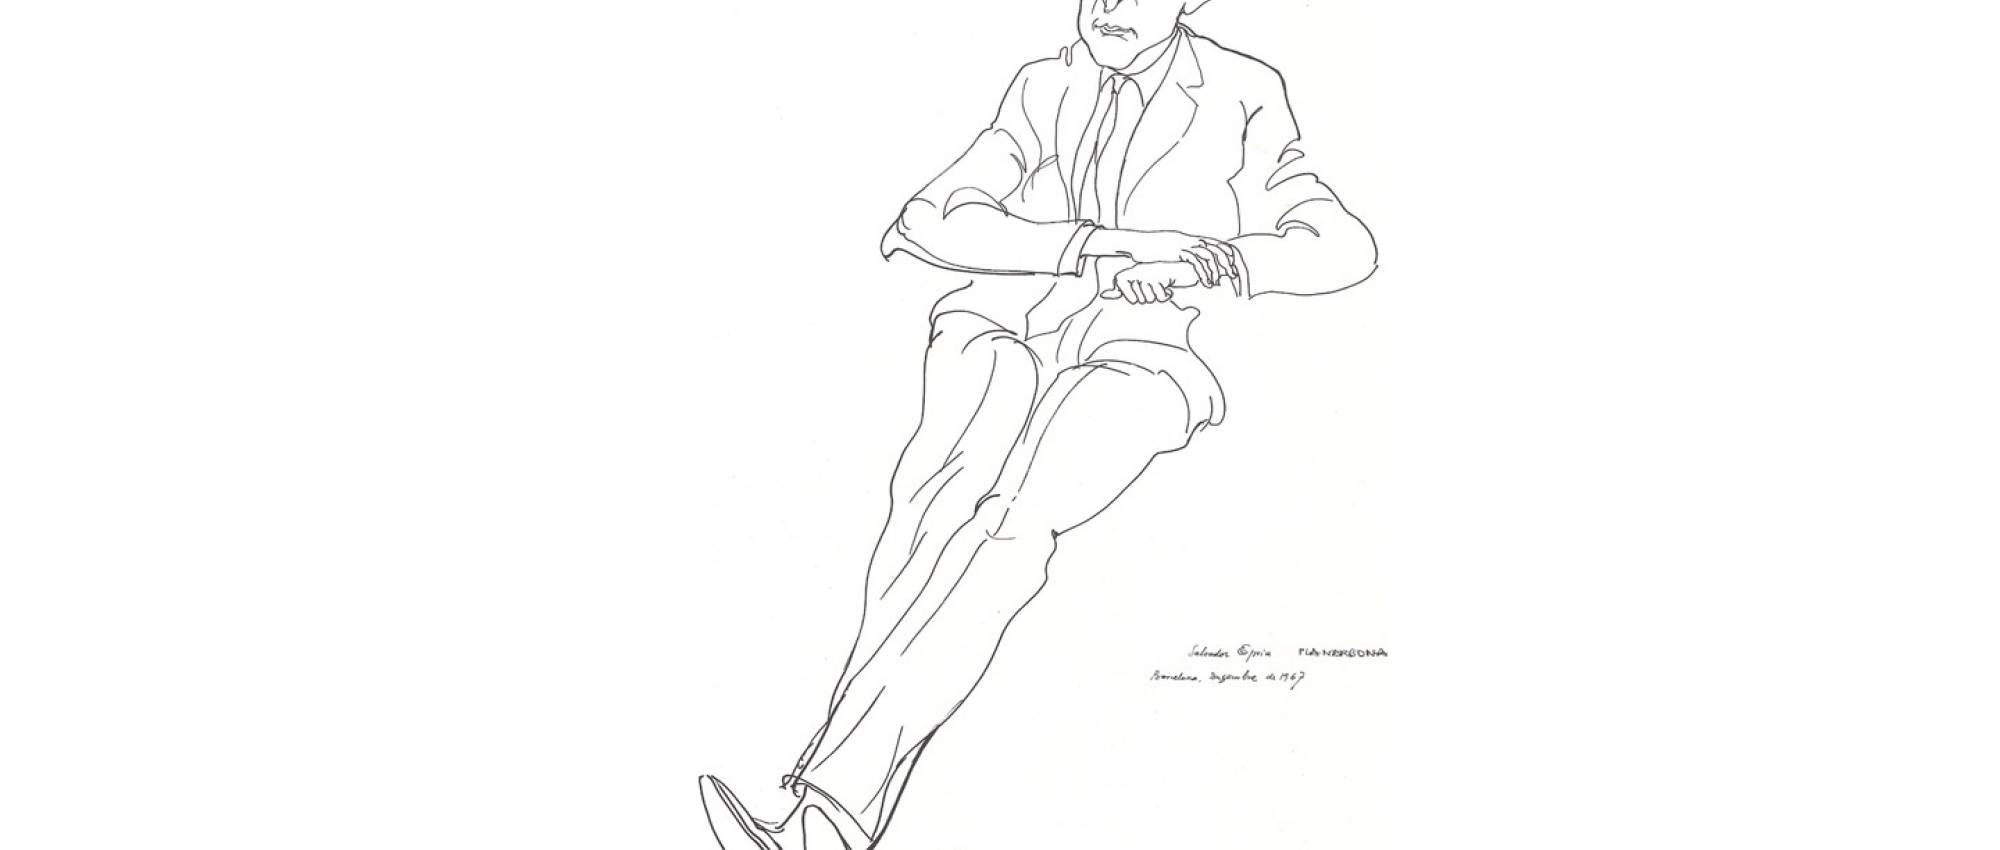 Retrato de Salvador Espriu por Josep Pla-Narbona. CC BY-SA 3.0 - Josep Pla-Narbona / Wikimedia Commons